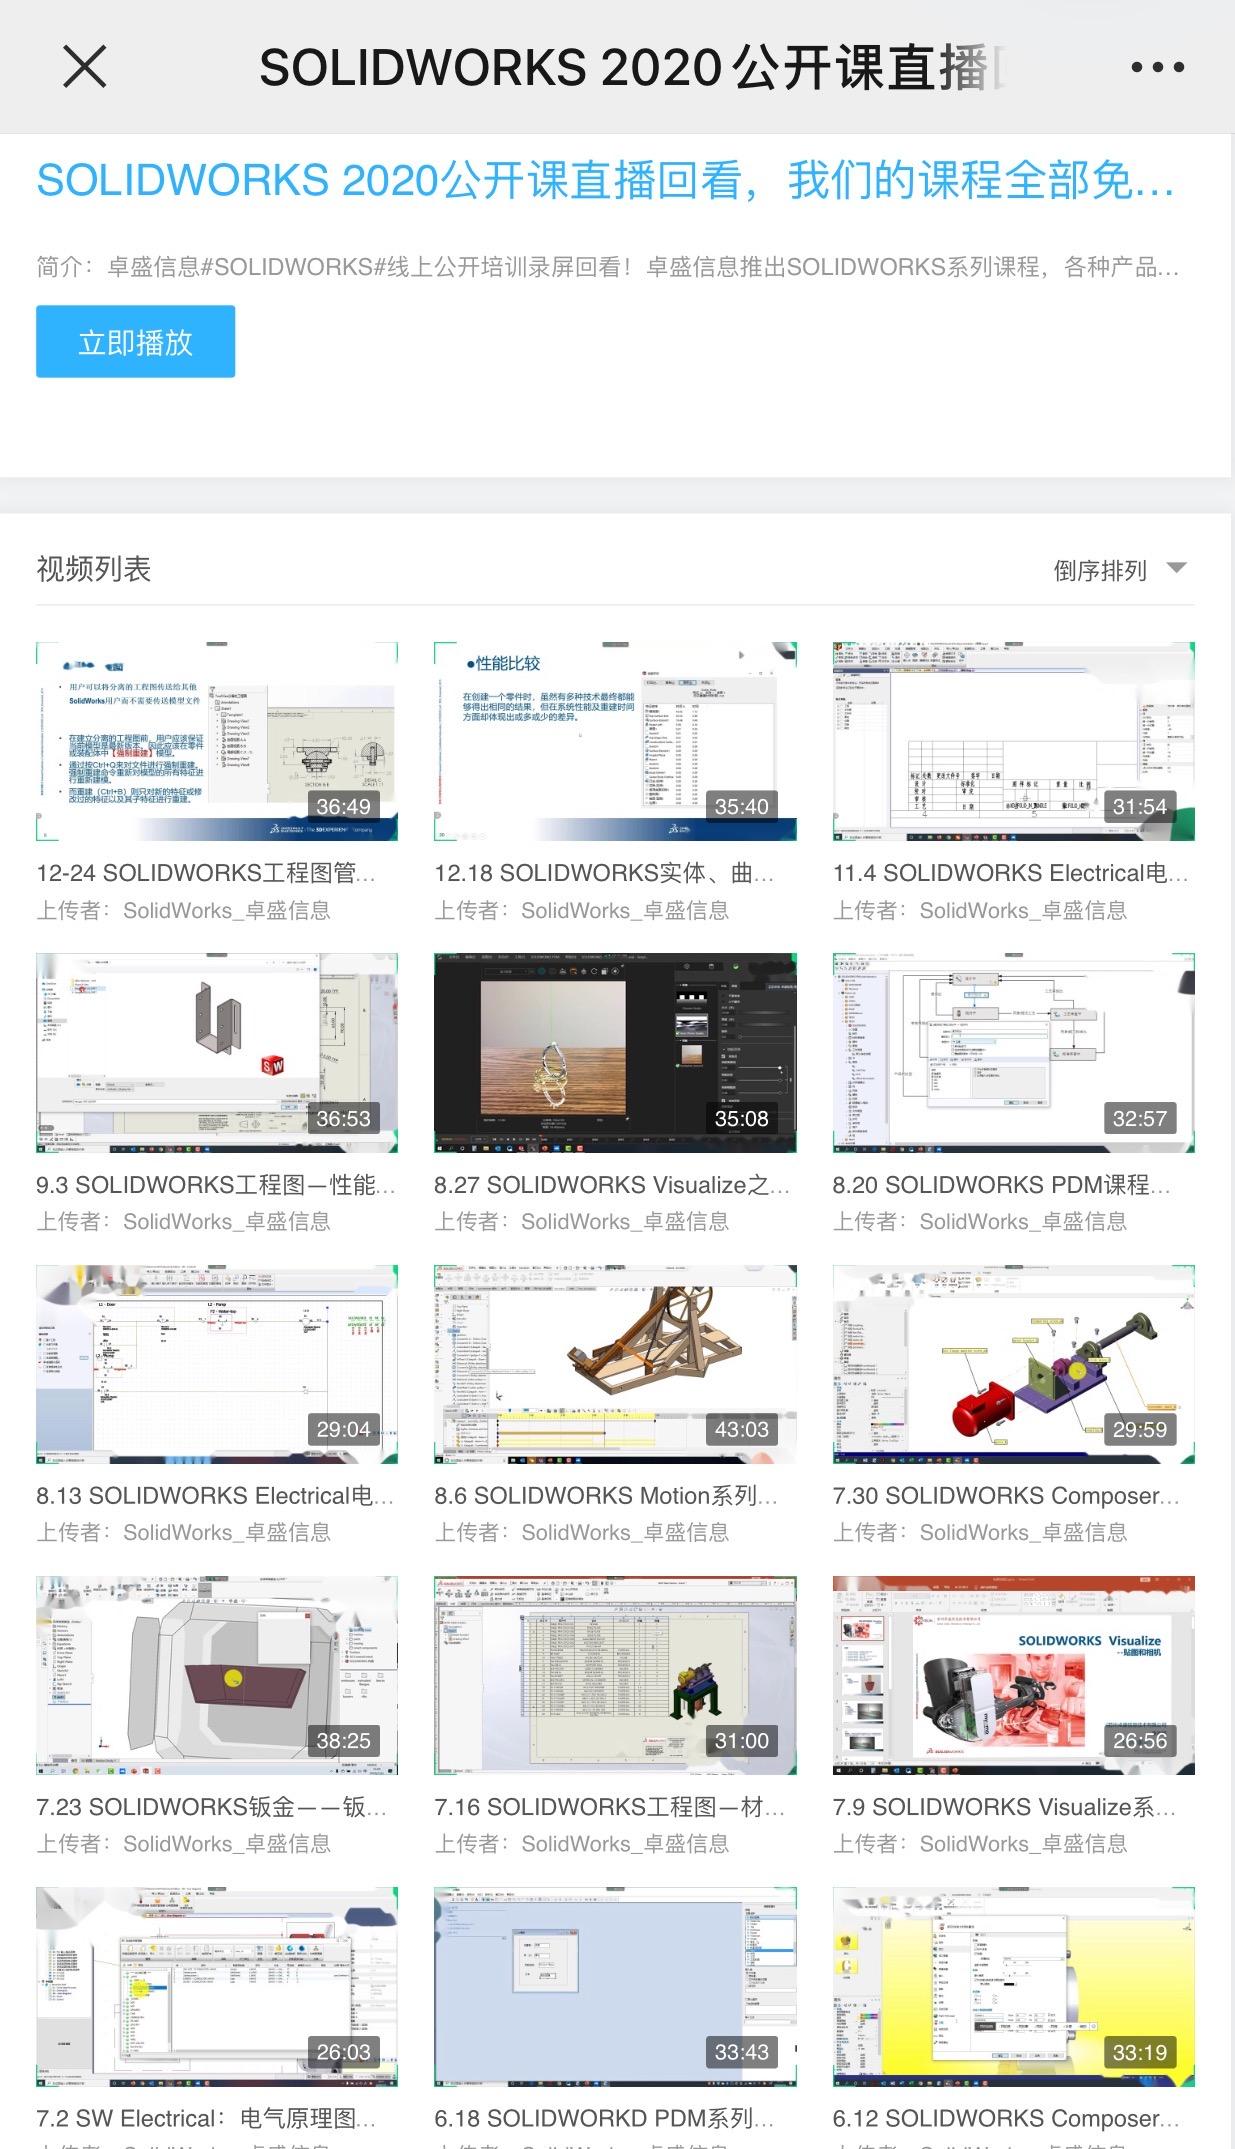 微信图片_202012291157301.jpg